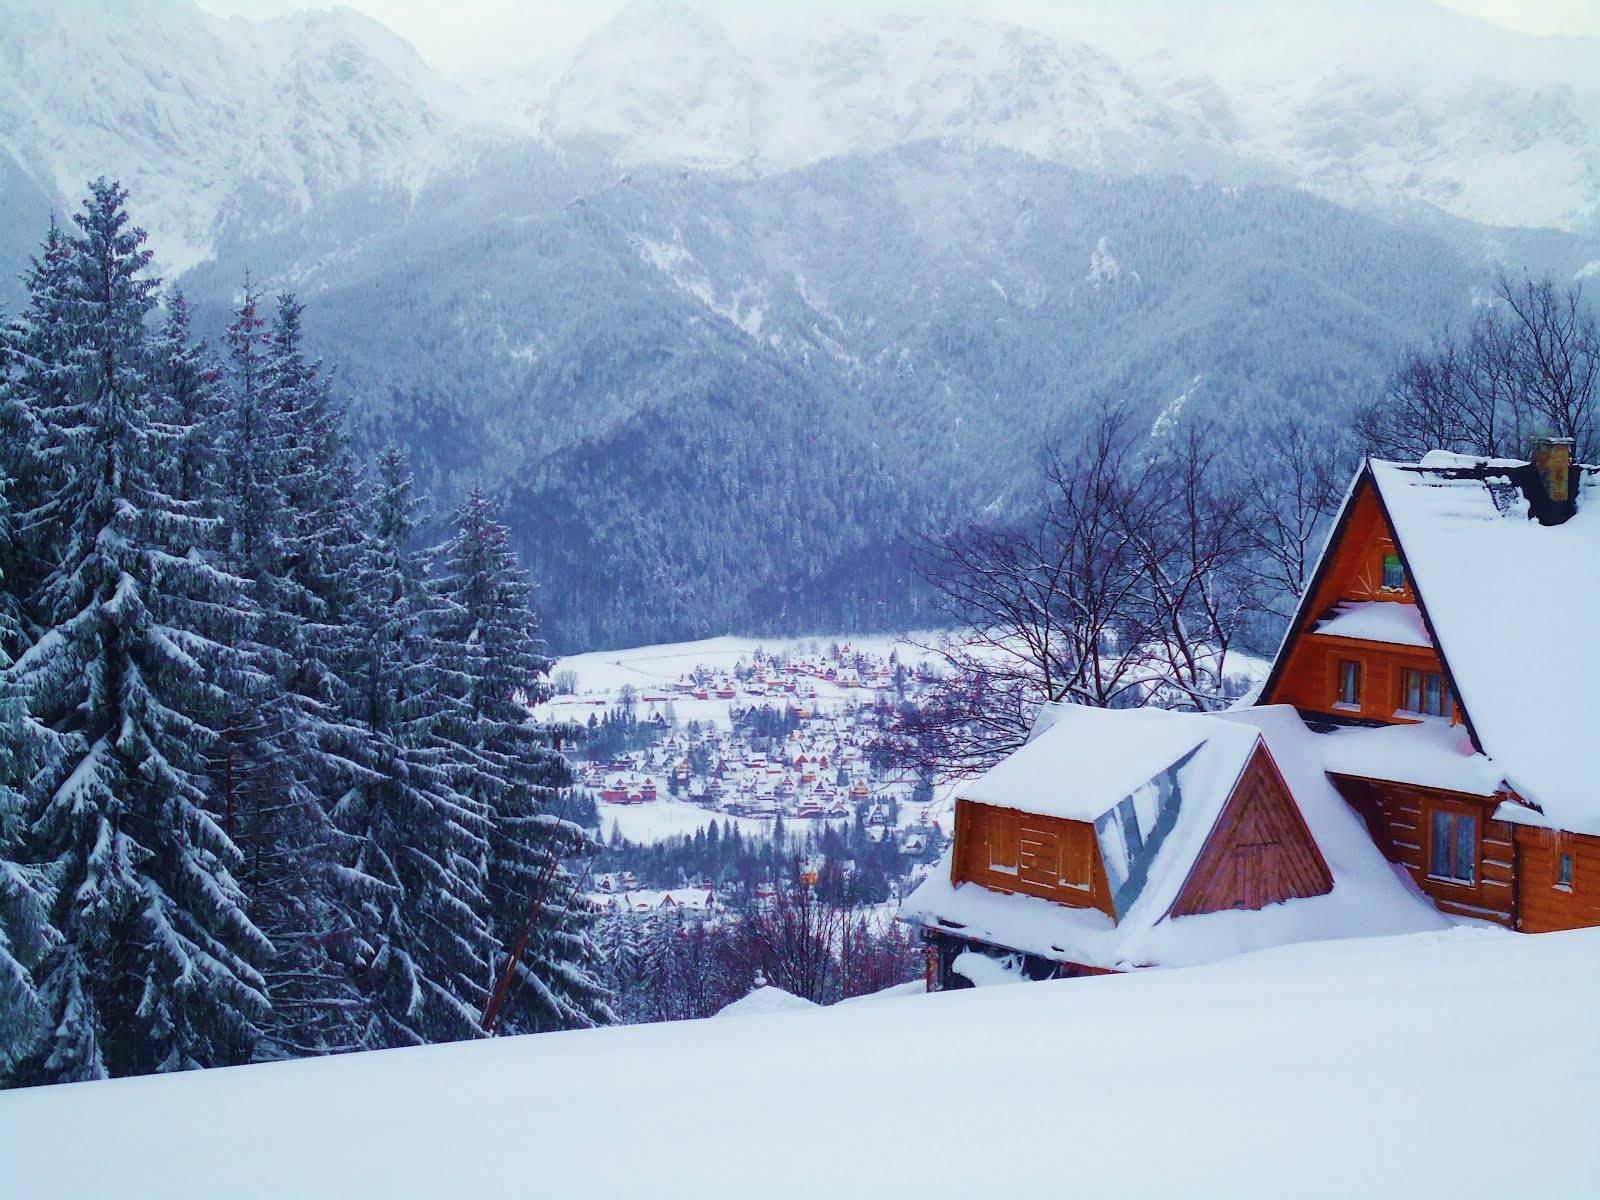 Картинки на рабочий стол зимний отдых